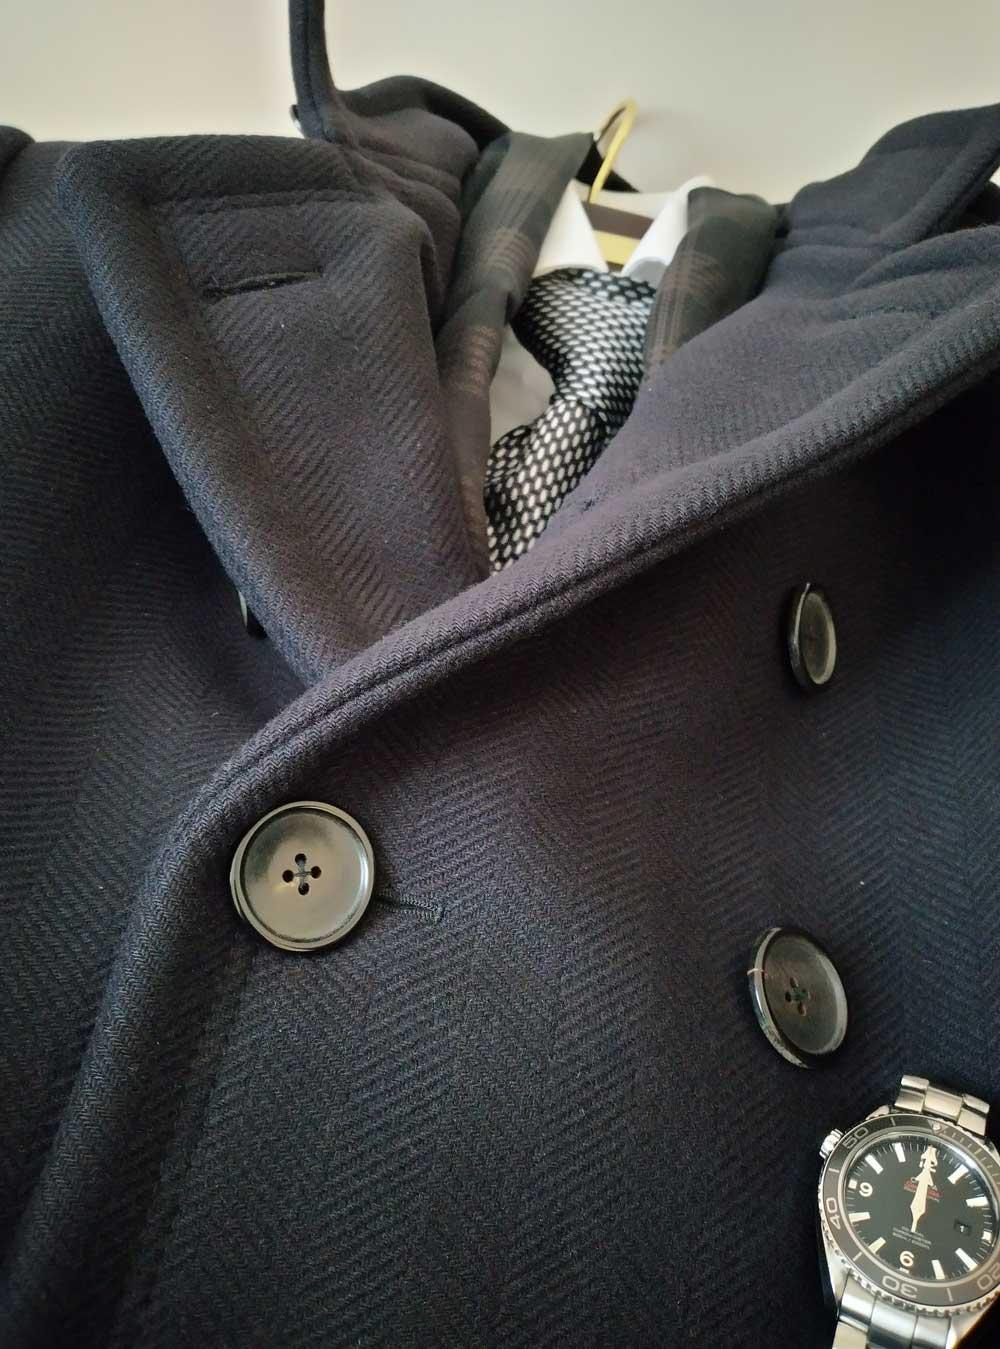 Quantum of Solace coat and tie